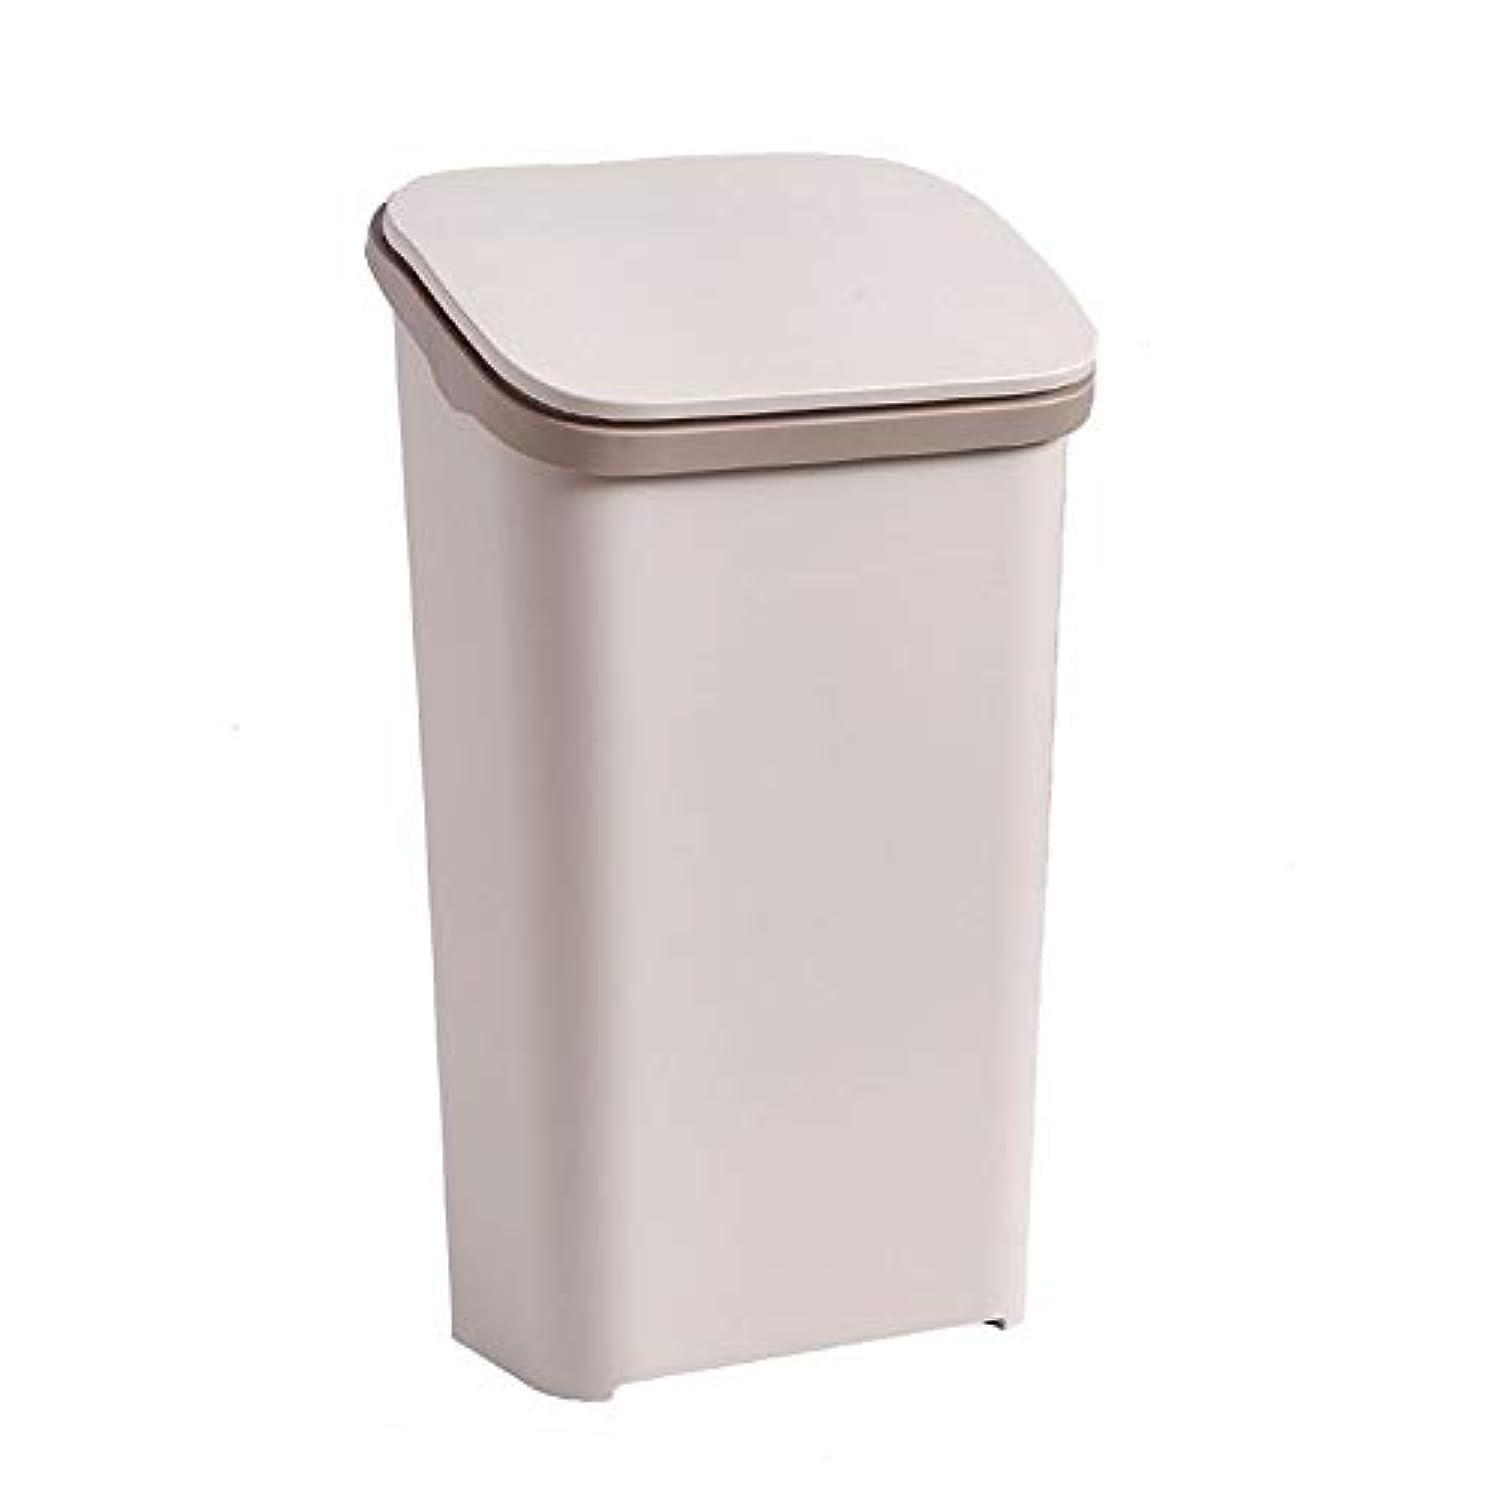 保全部門瀬戸際ふたが付いている大容量の長方形のプラスチックゴミ箱、白/灰色/茶色(20リットル/ 5.35ガロン) (色 : ブラウン ぶらうん)